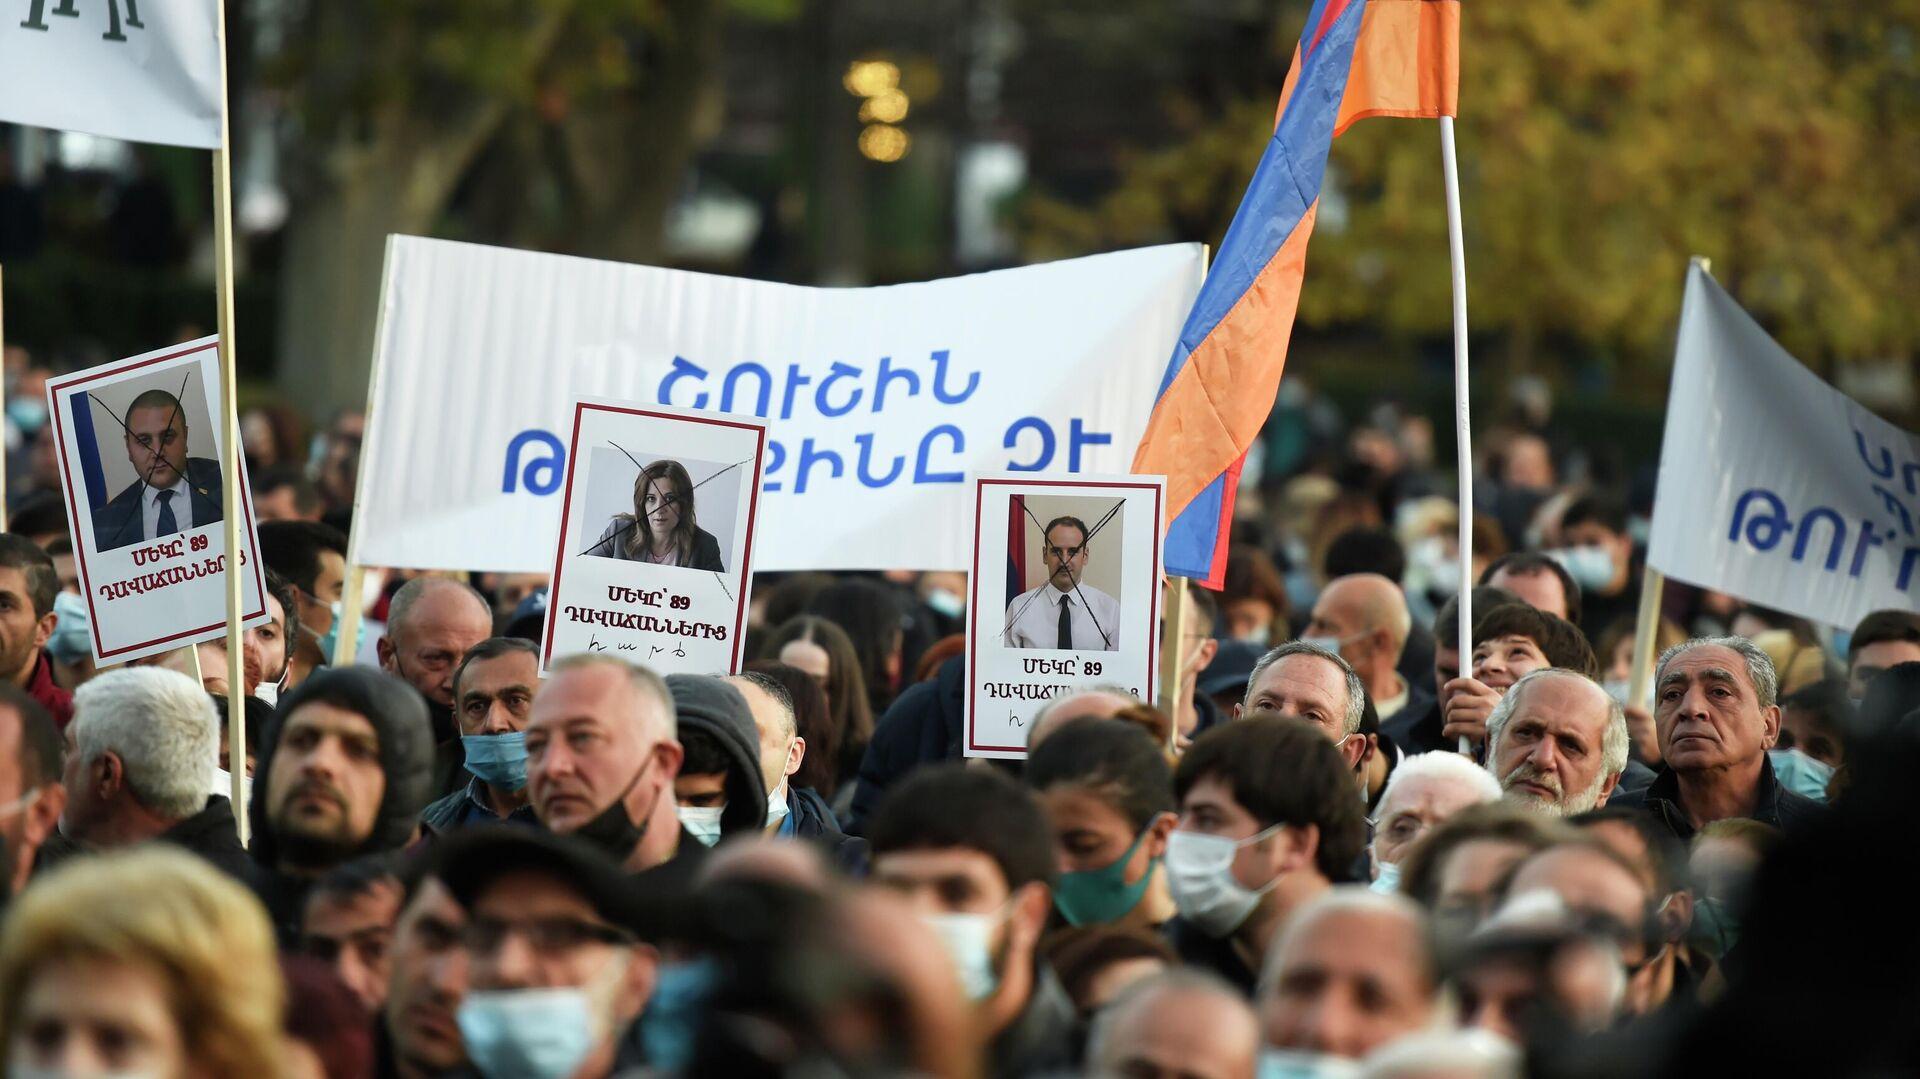 Армения в любом случае связана с Россией, заявил кинопродюссер Григорян